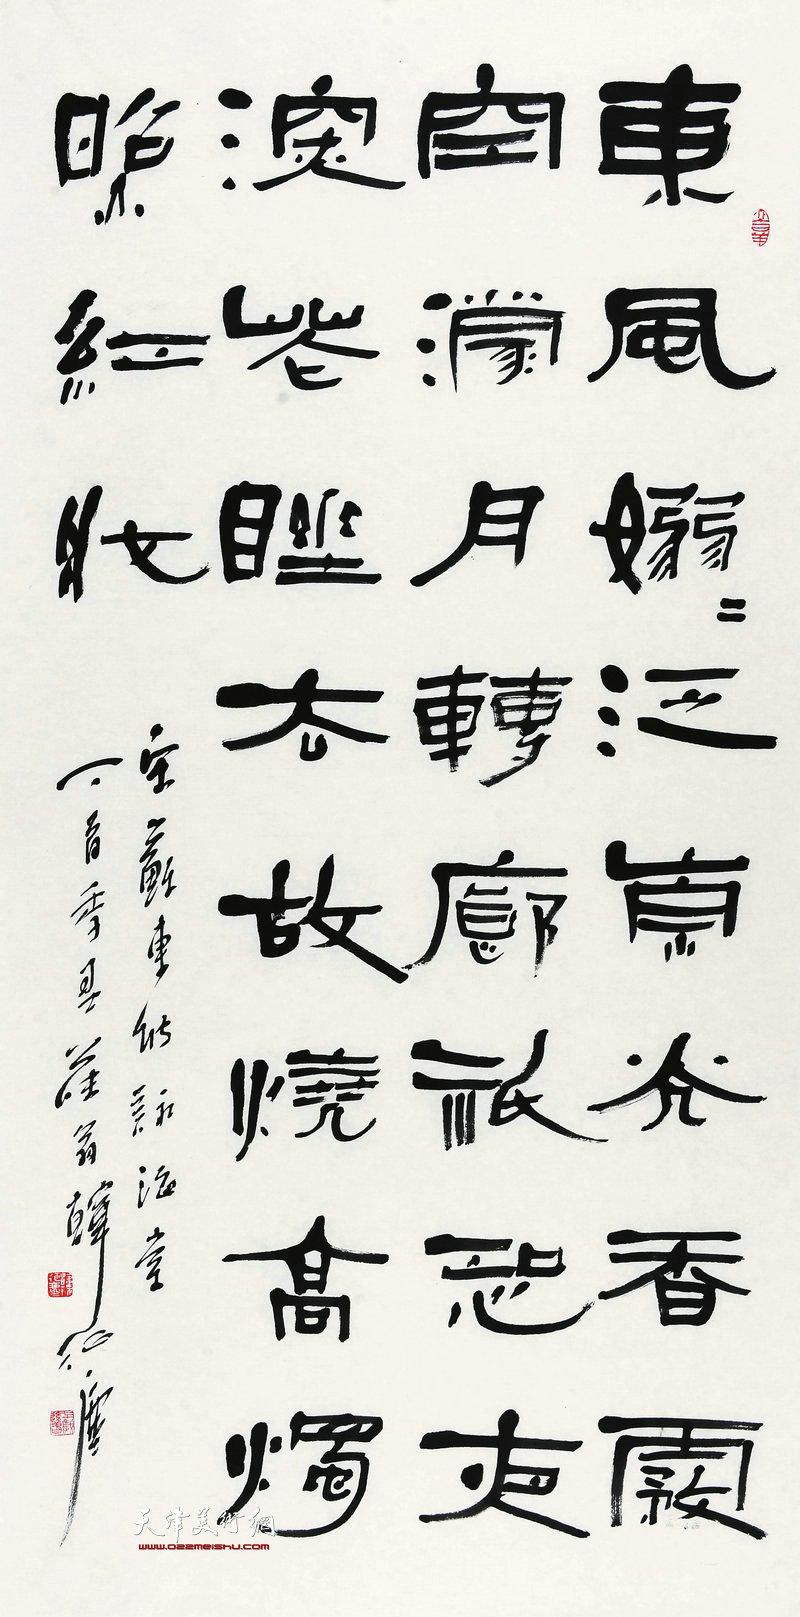 韩征尘-行书,自作诗《忆少年》68x138cm